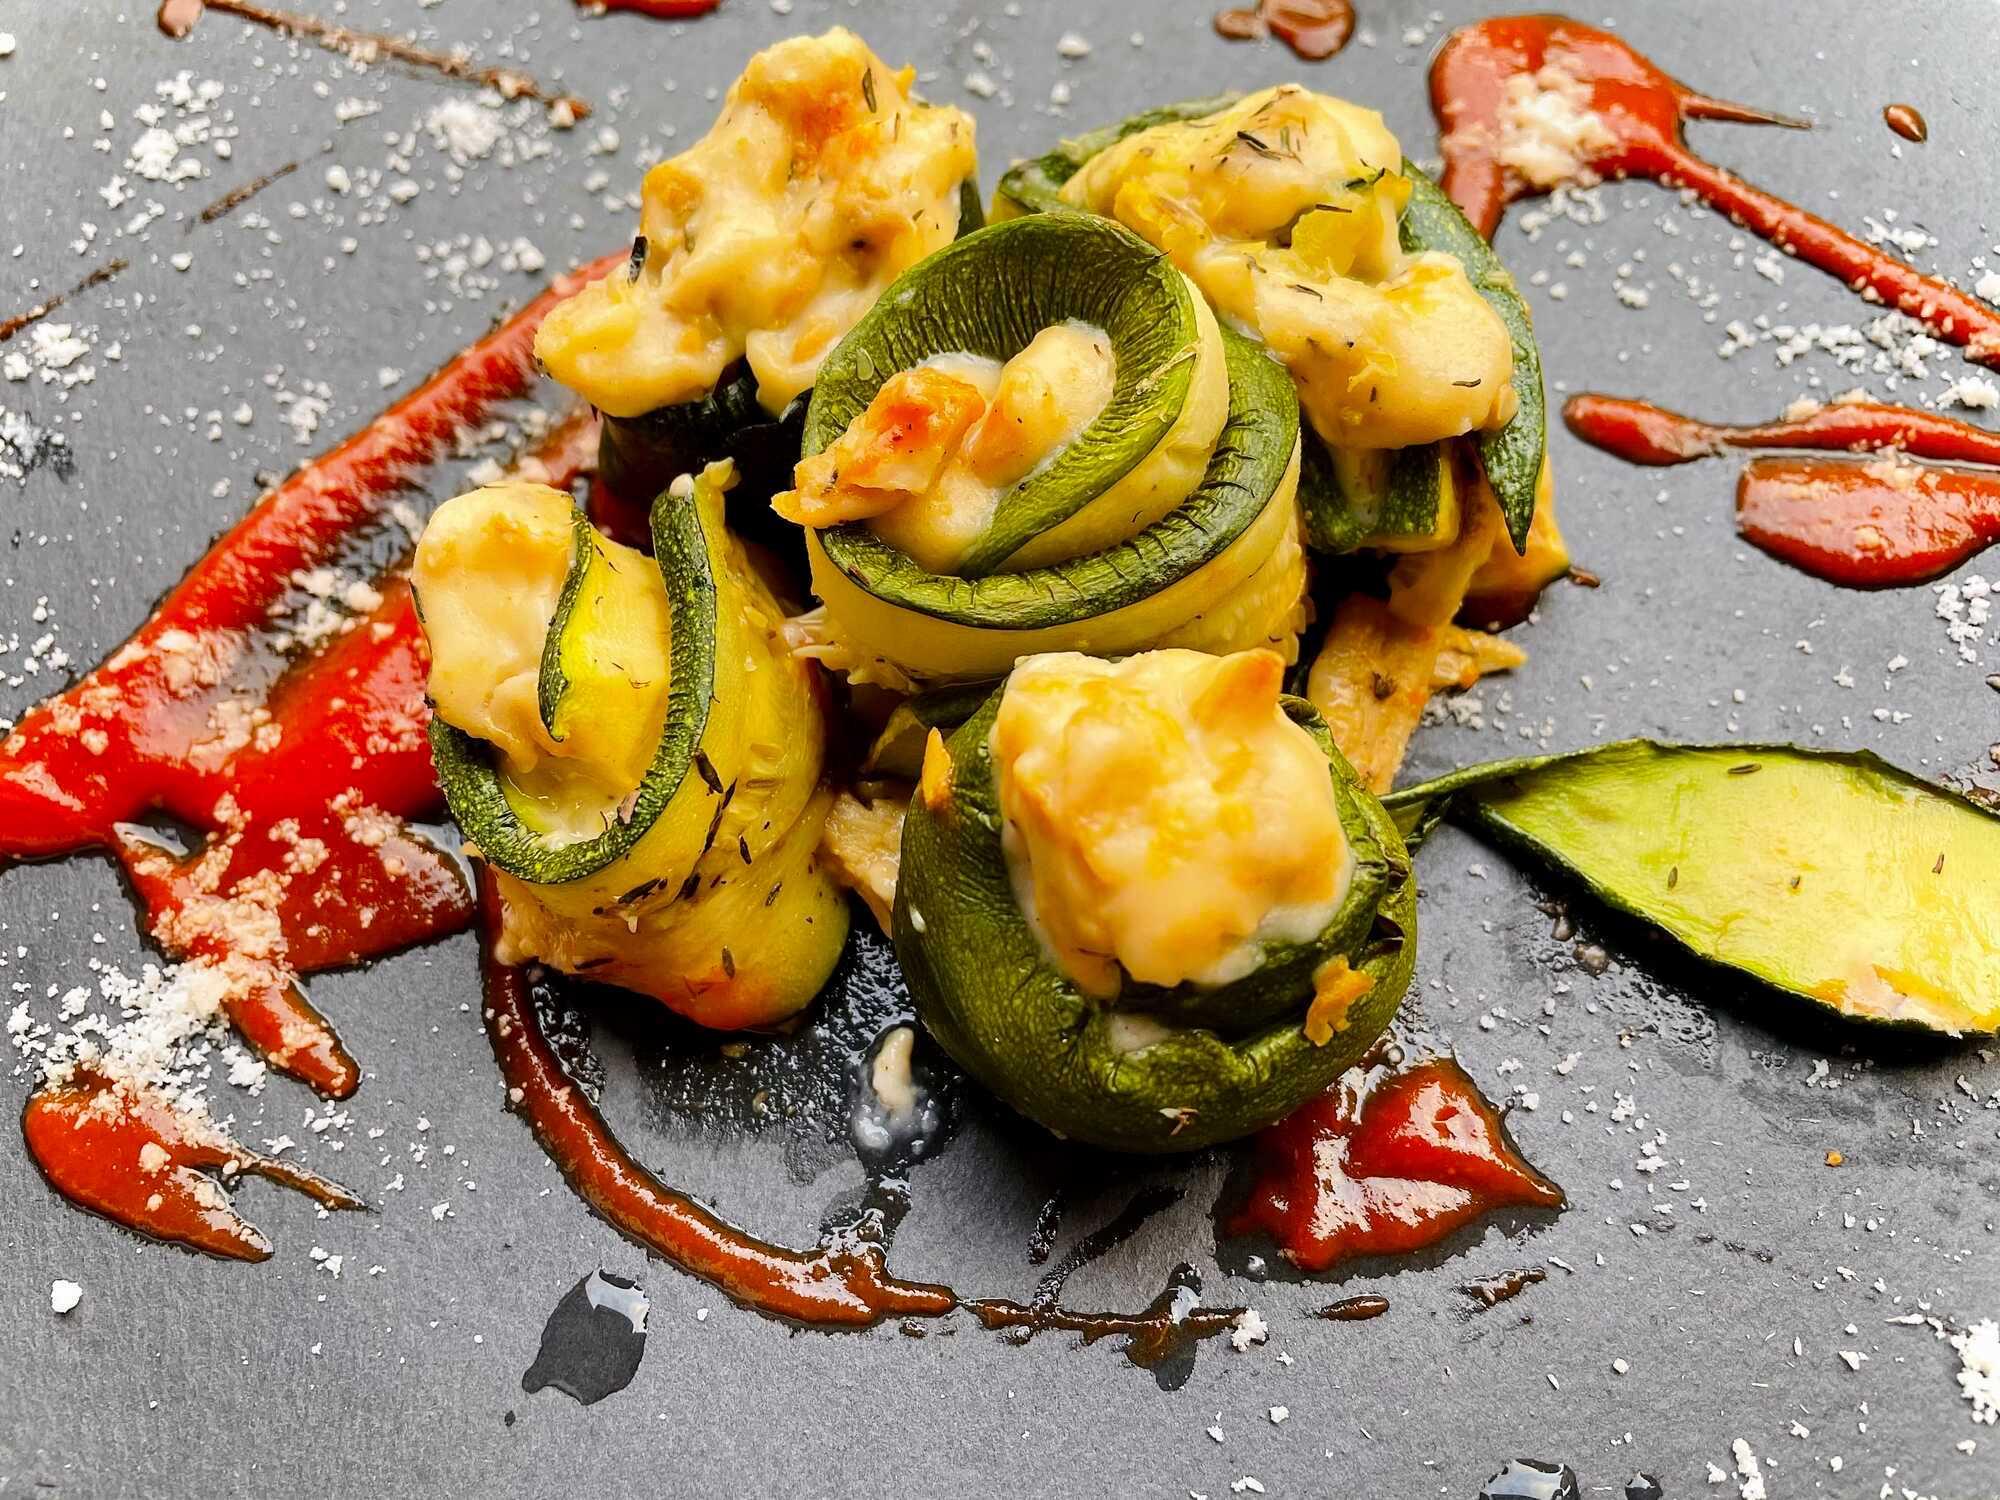 Les roulés de courgettes sont disposés sur la plaque de cuisson de couleur grise. Une harmonie de couleurs pour ce plat goûteux